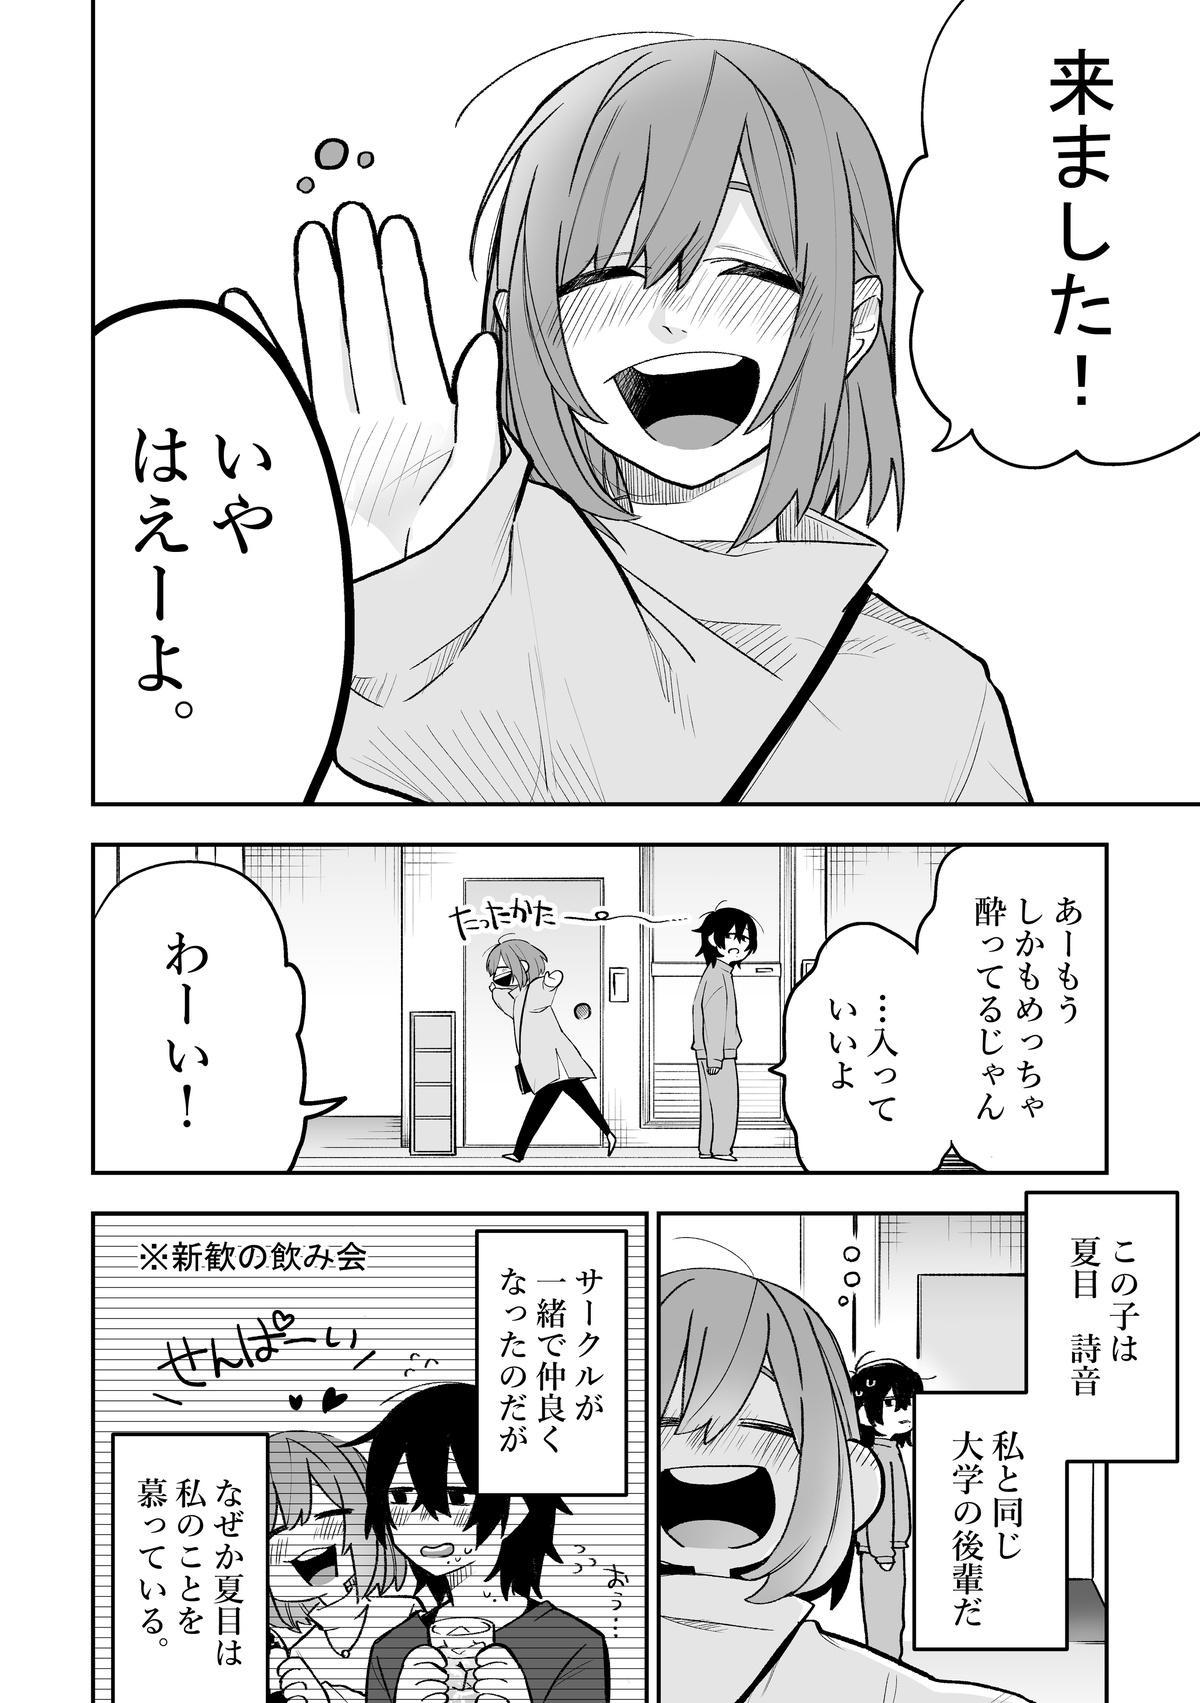 Honshin wa Makuramoto ni Kakushite. 2